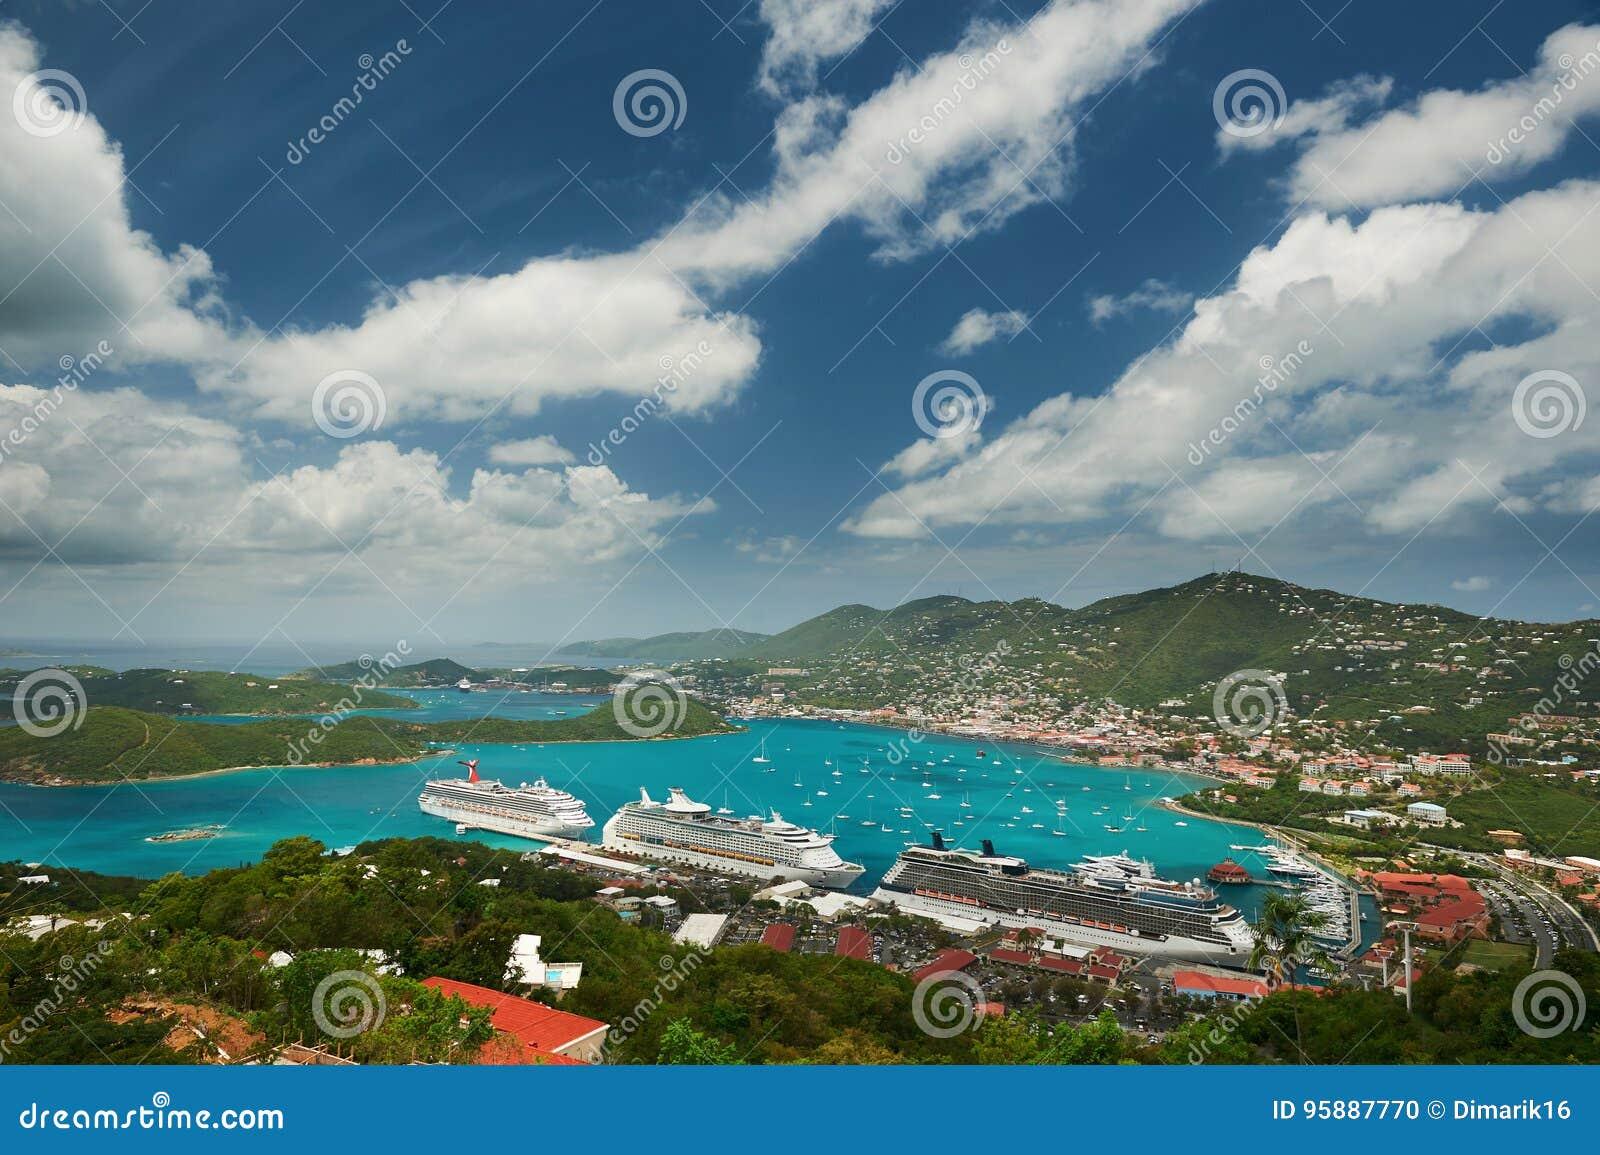 Caraïbisch cruisethema